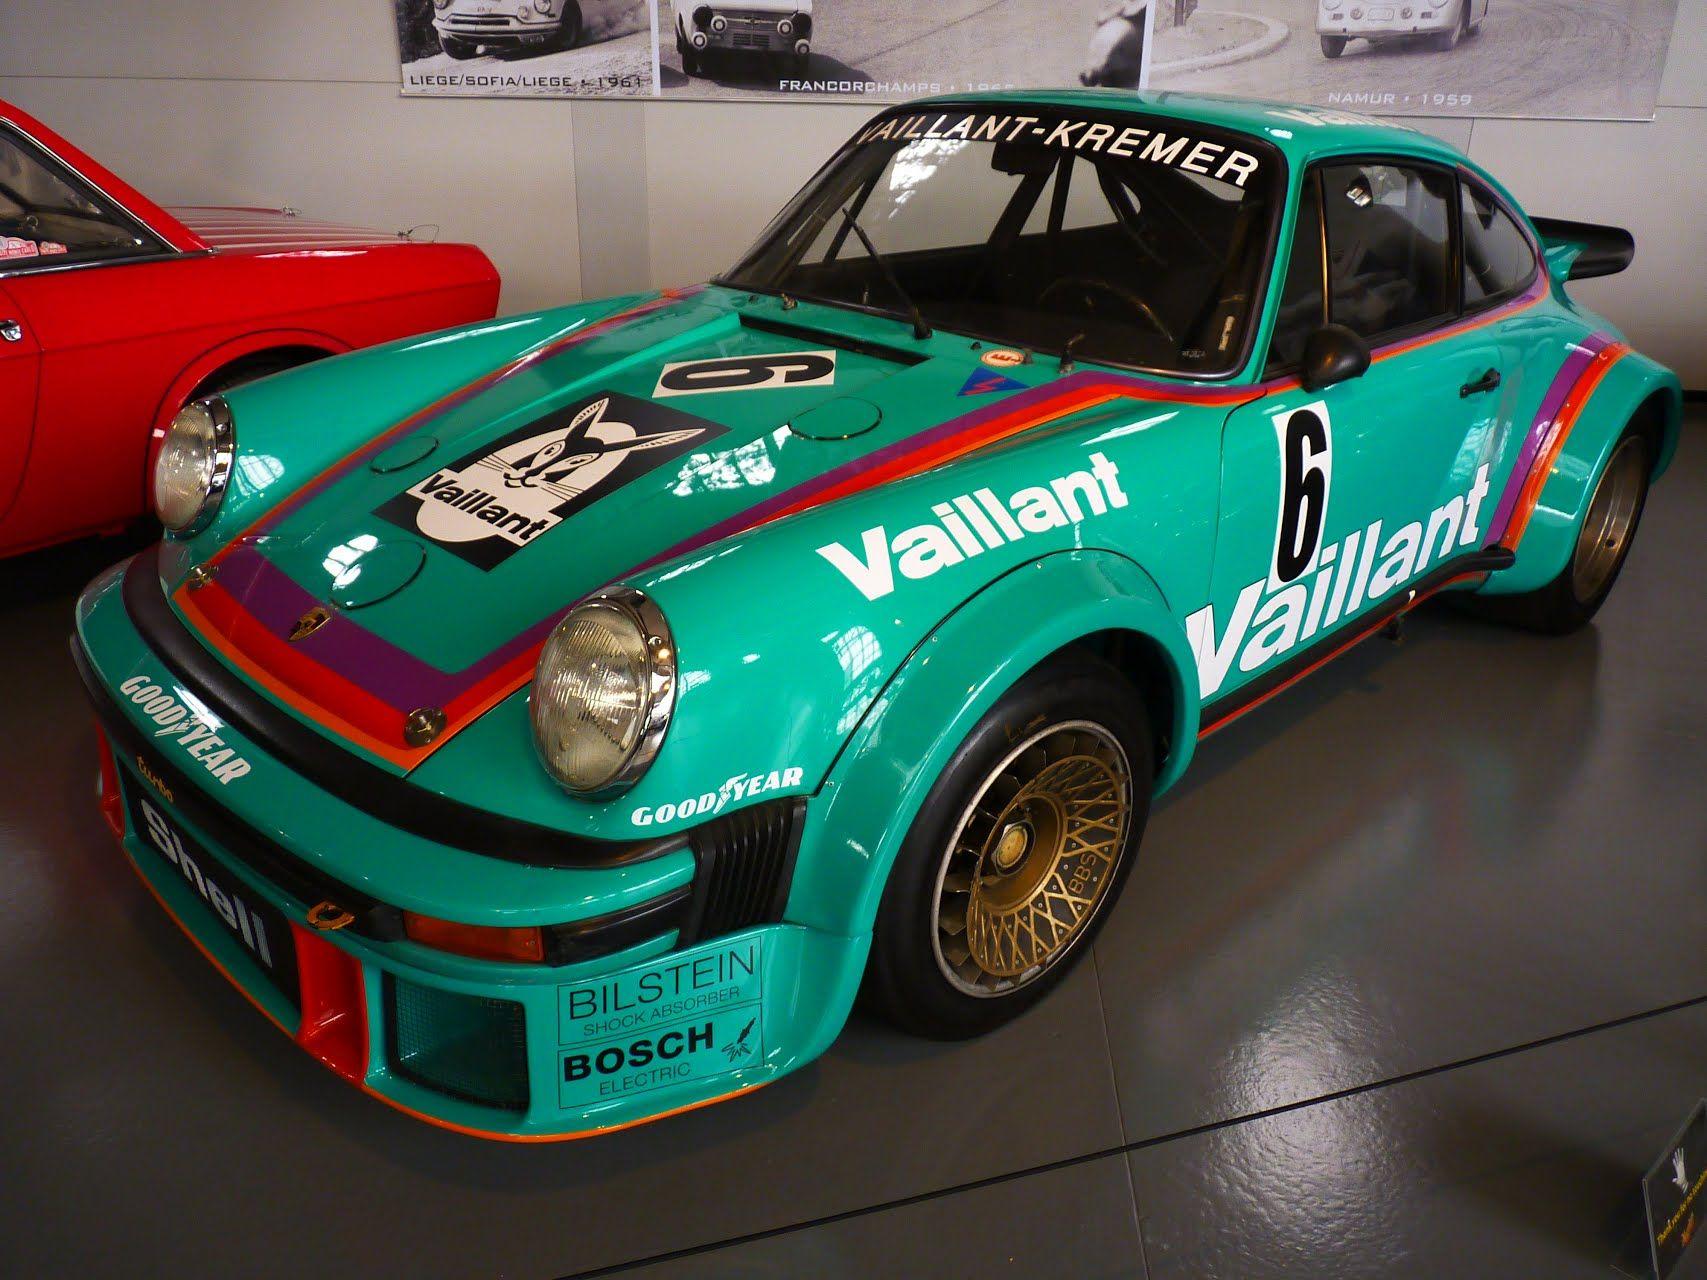 6004d6290f040717a913c09e3c5c02a3 Cozy Prix D'une Porsche 911 Gt1 Cars Trend